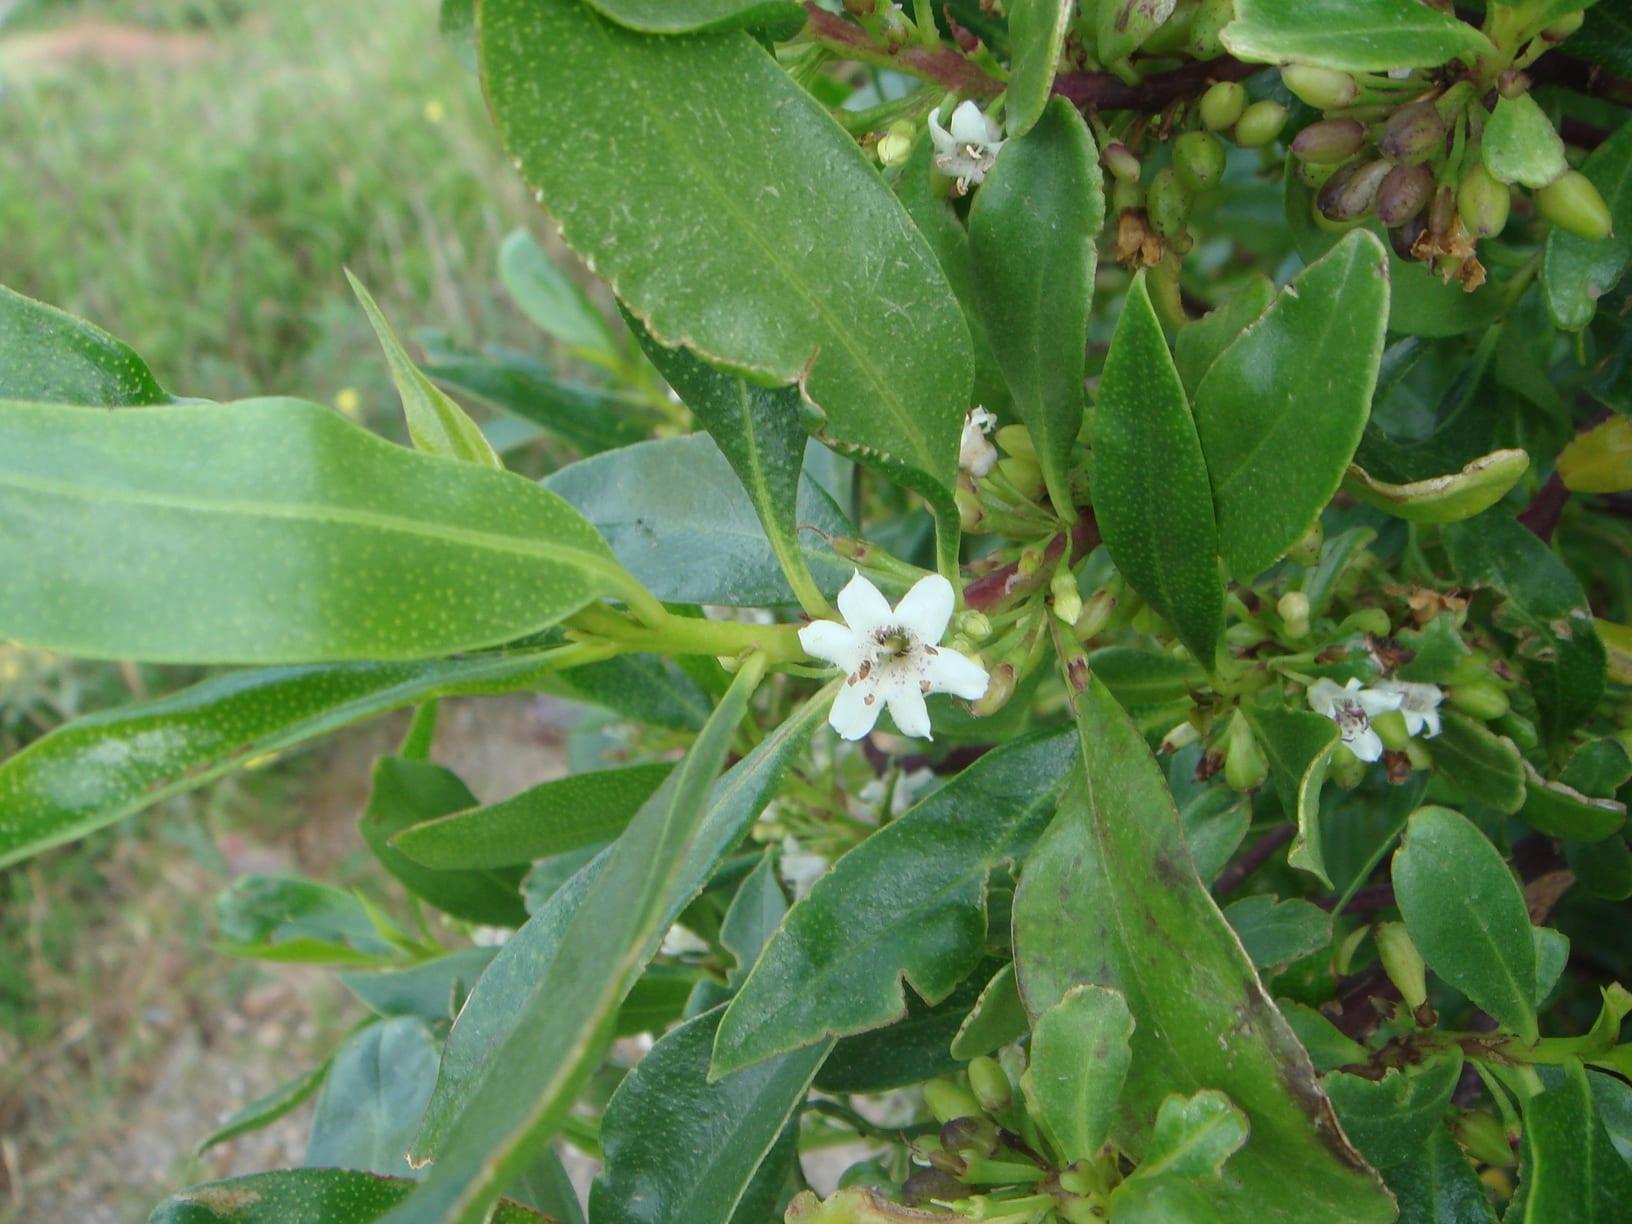 Las hojas del Myoporum laetum son lanceoladas y verdes